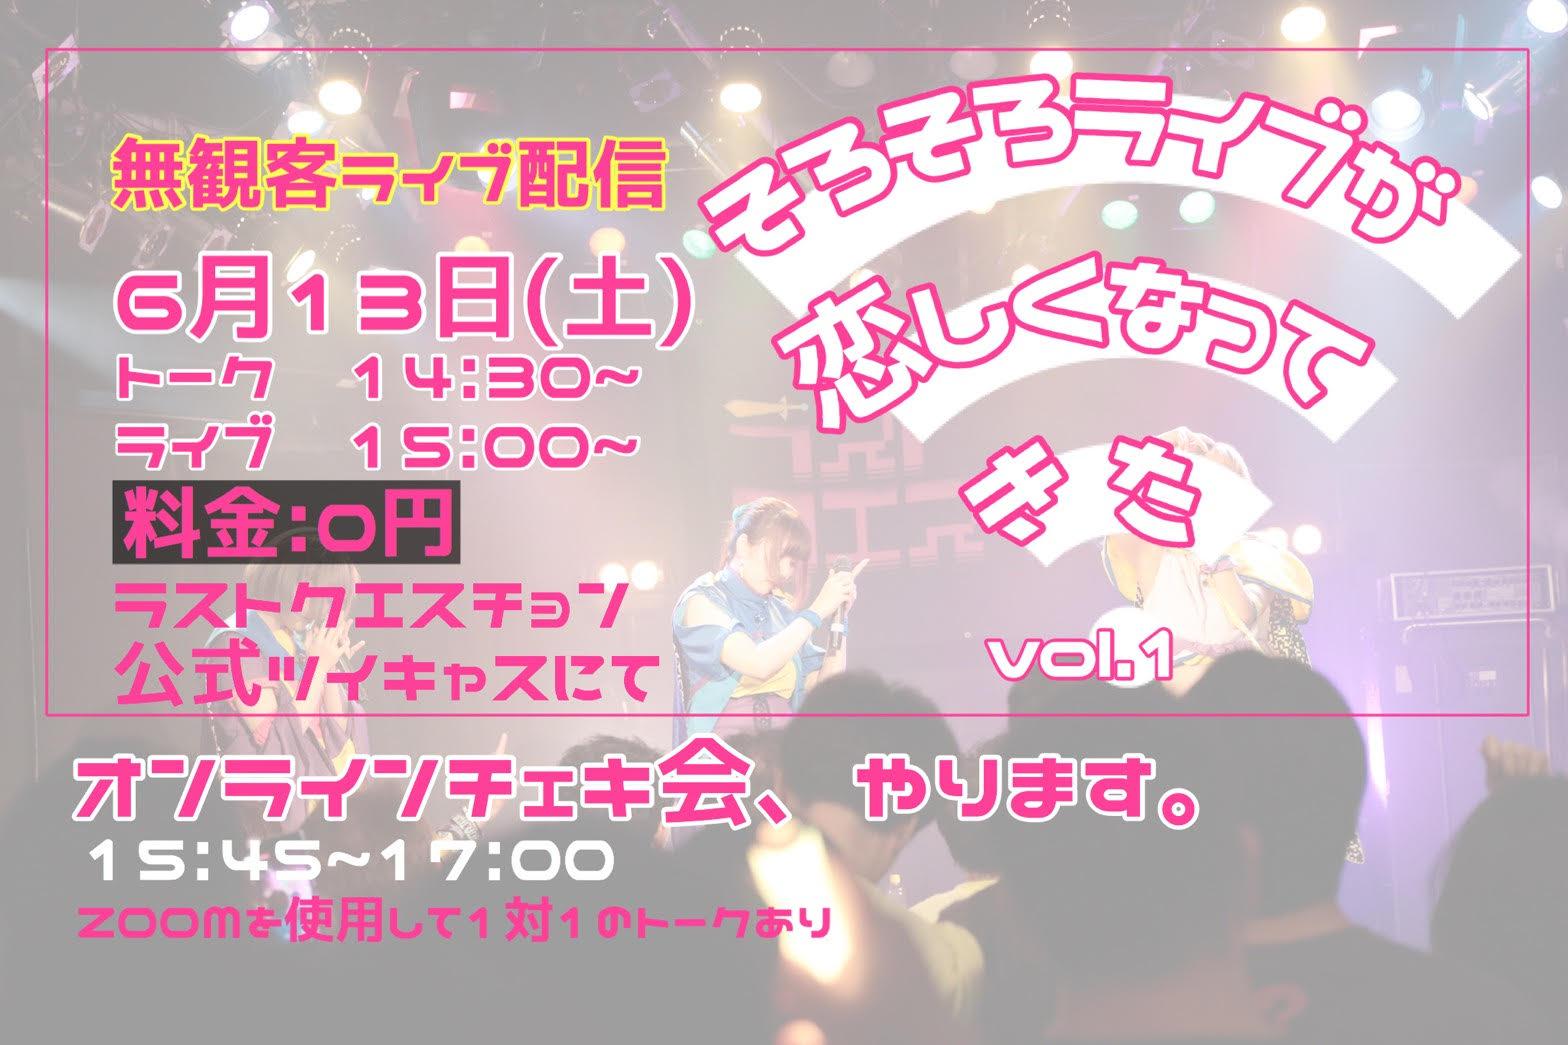 オンラインチェキ会 参加券 (6/13)